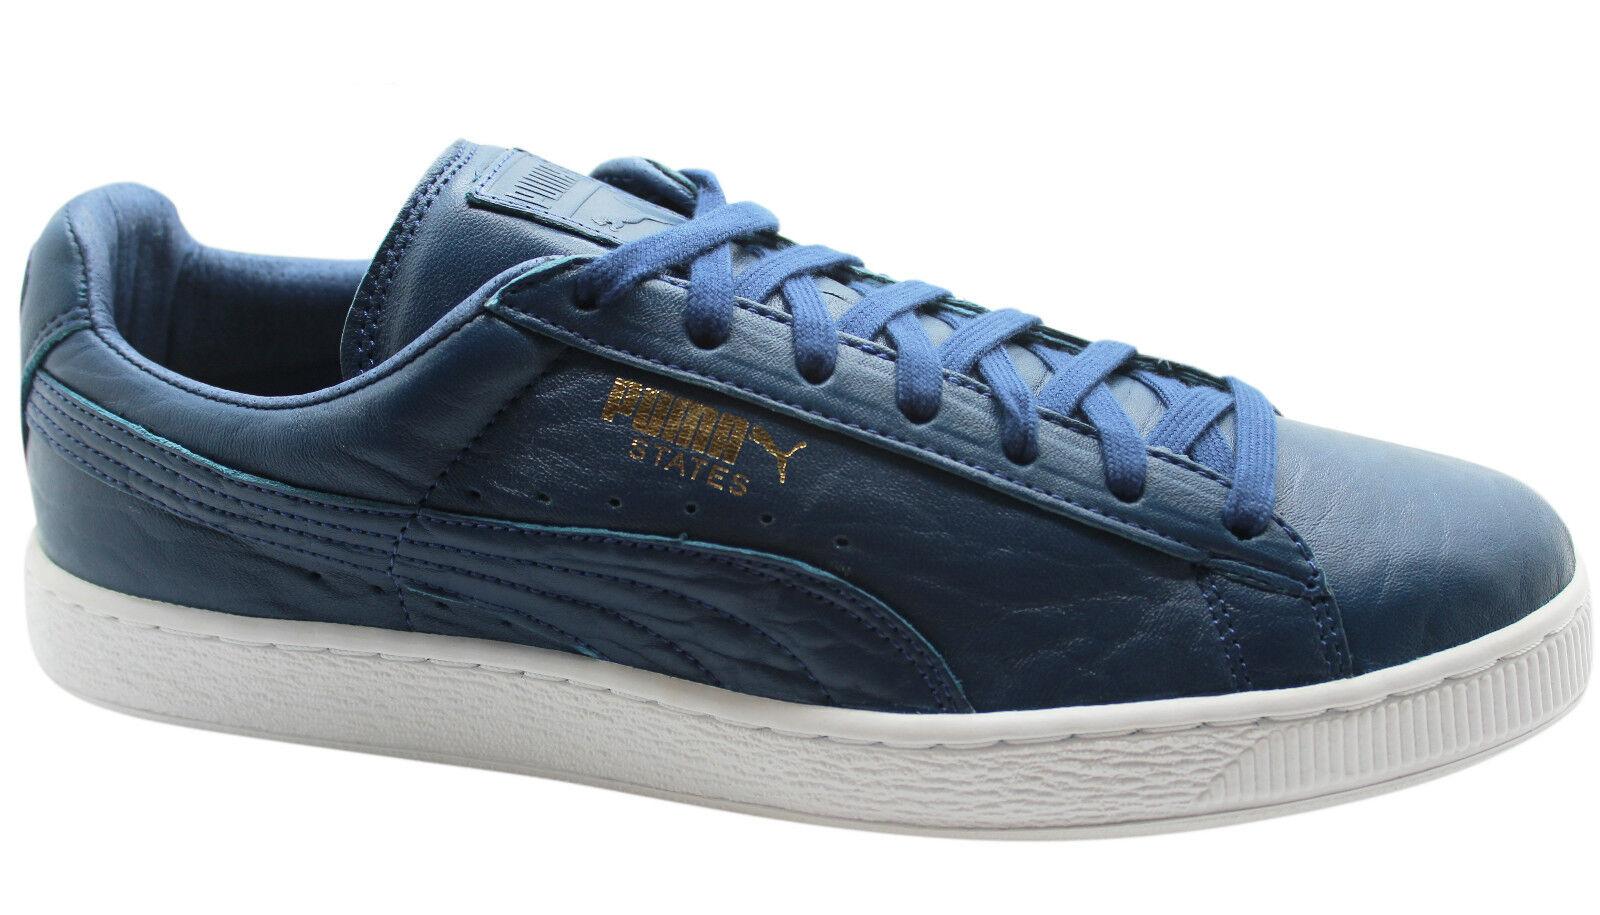 Puma States Mens Trainers bluee bluee bluee Leather Unisex Low shoes 358810 02 U1 a69cab